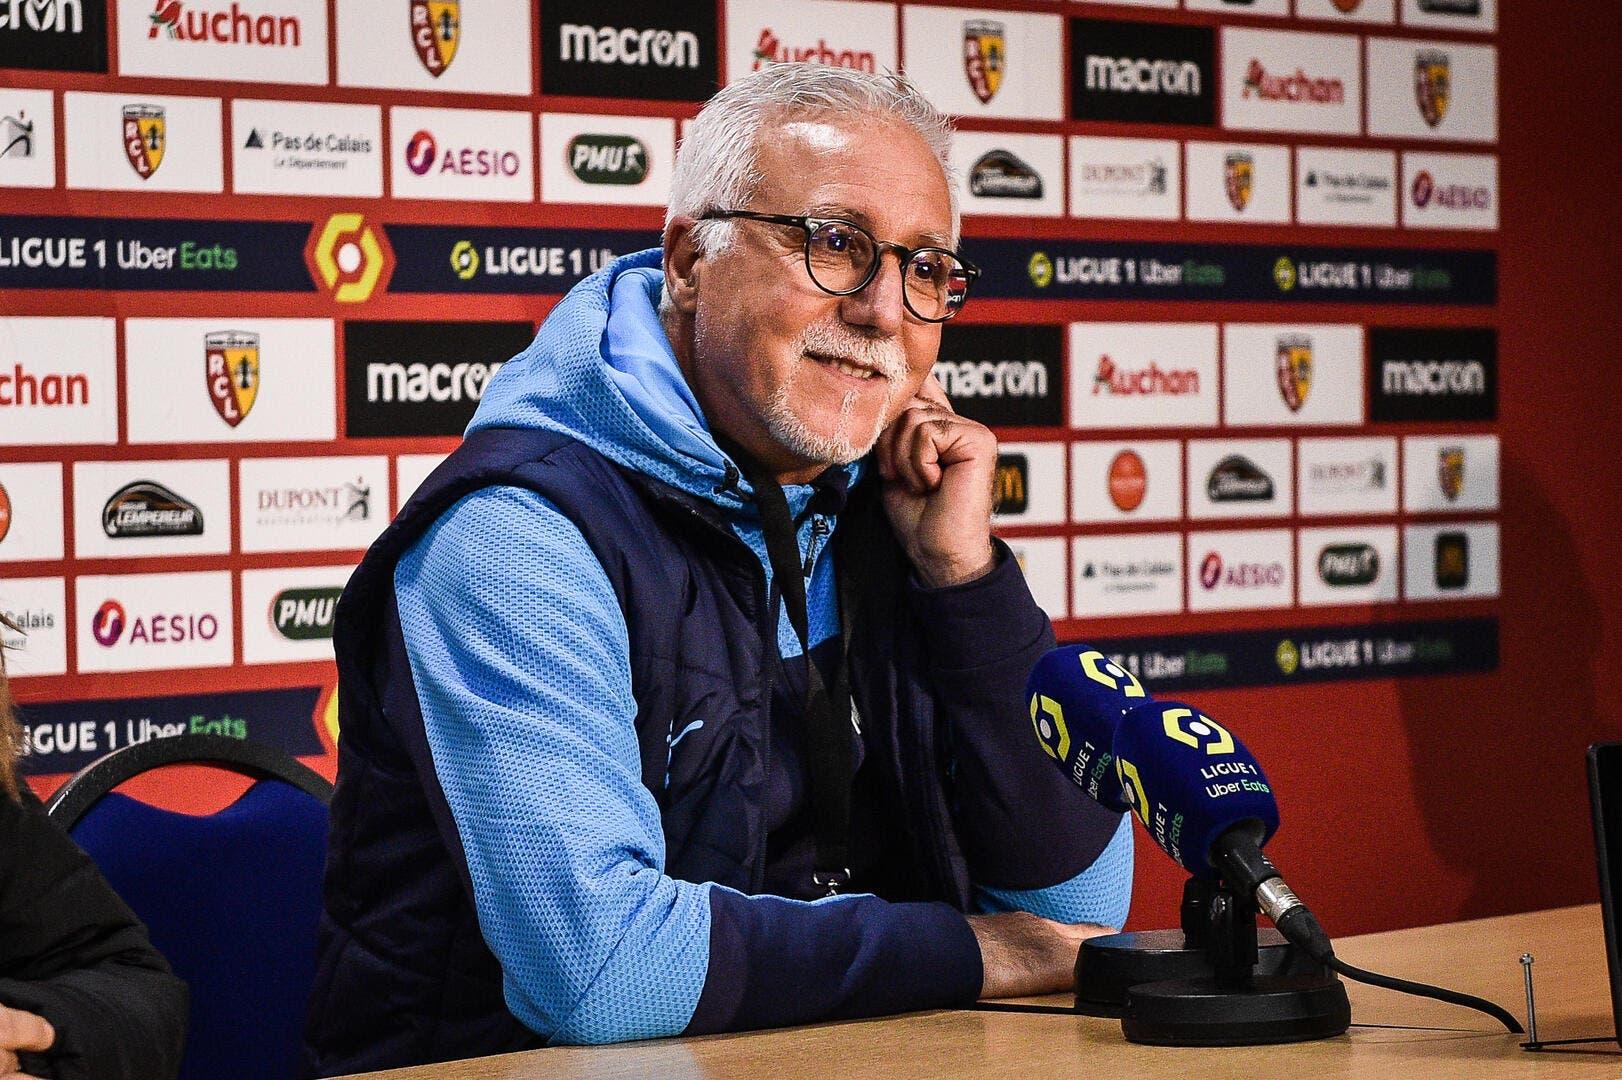 OM : Longoria et Larguet, début d'un clash à Marseille ? - Foot01.com